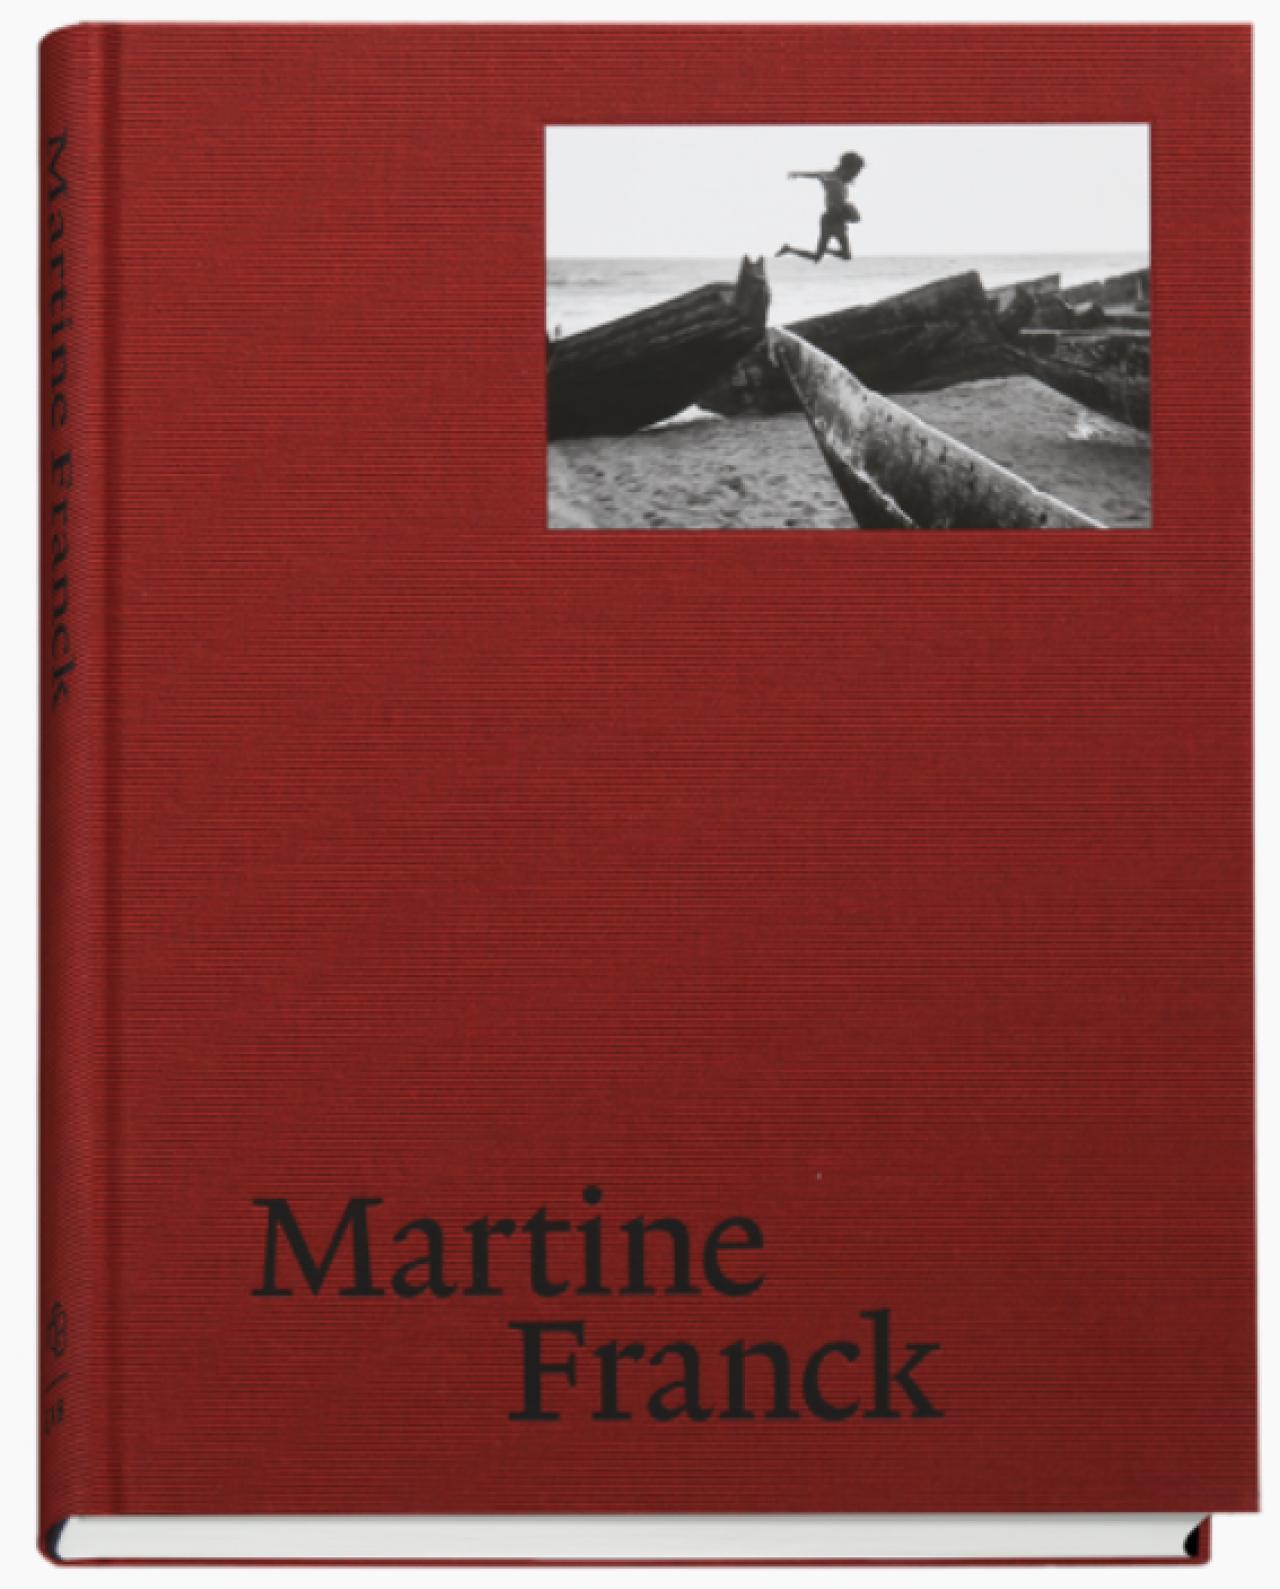 Martine Franck: Martine Franck